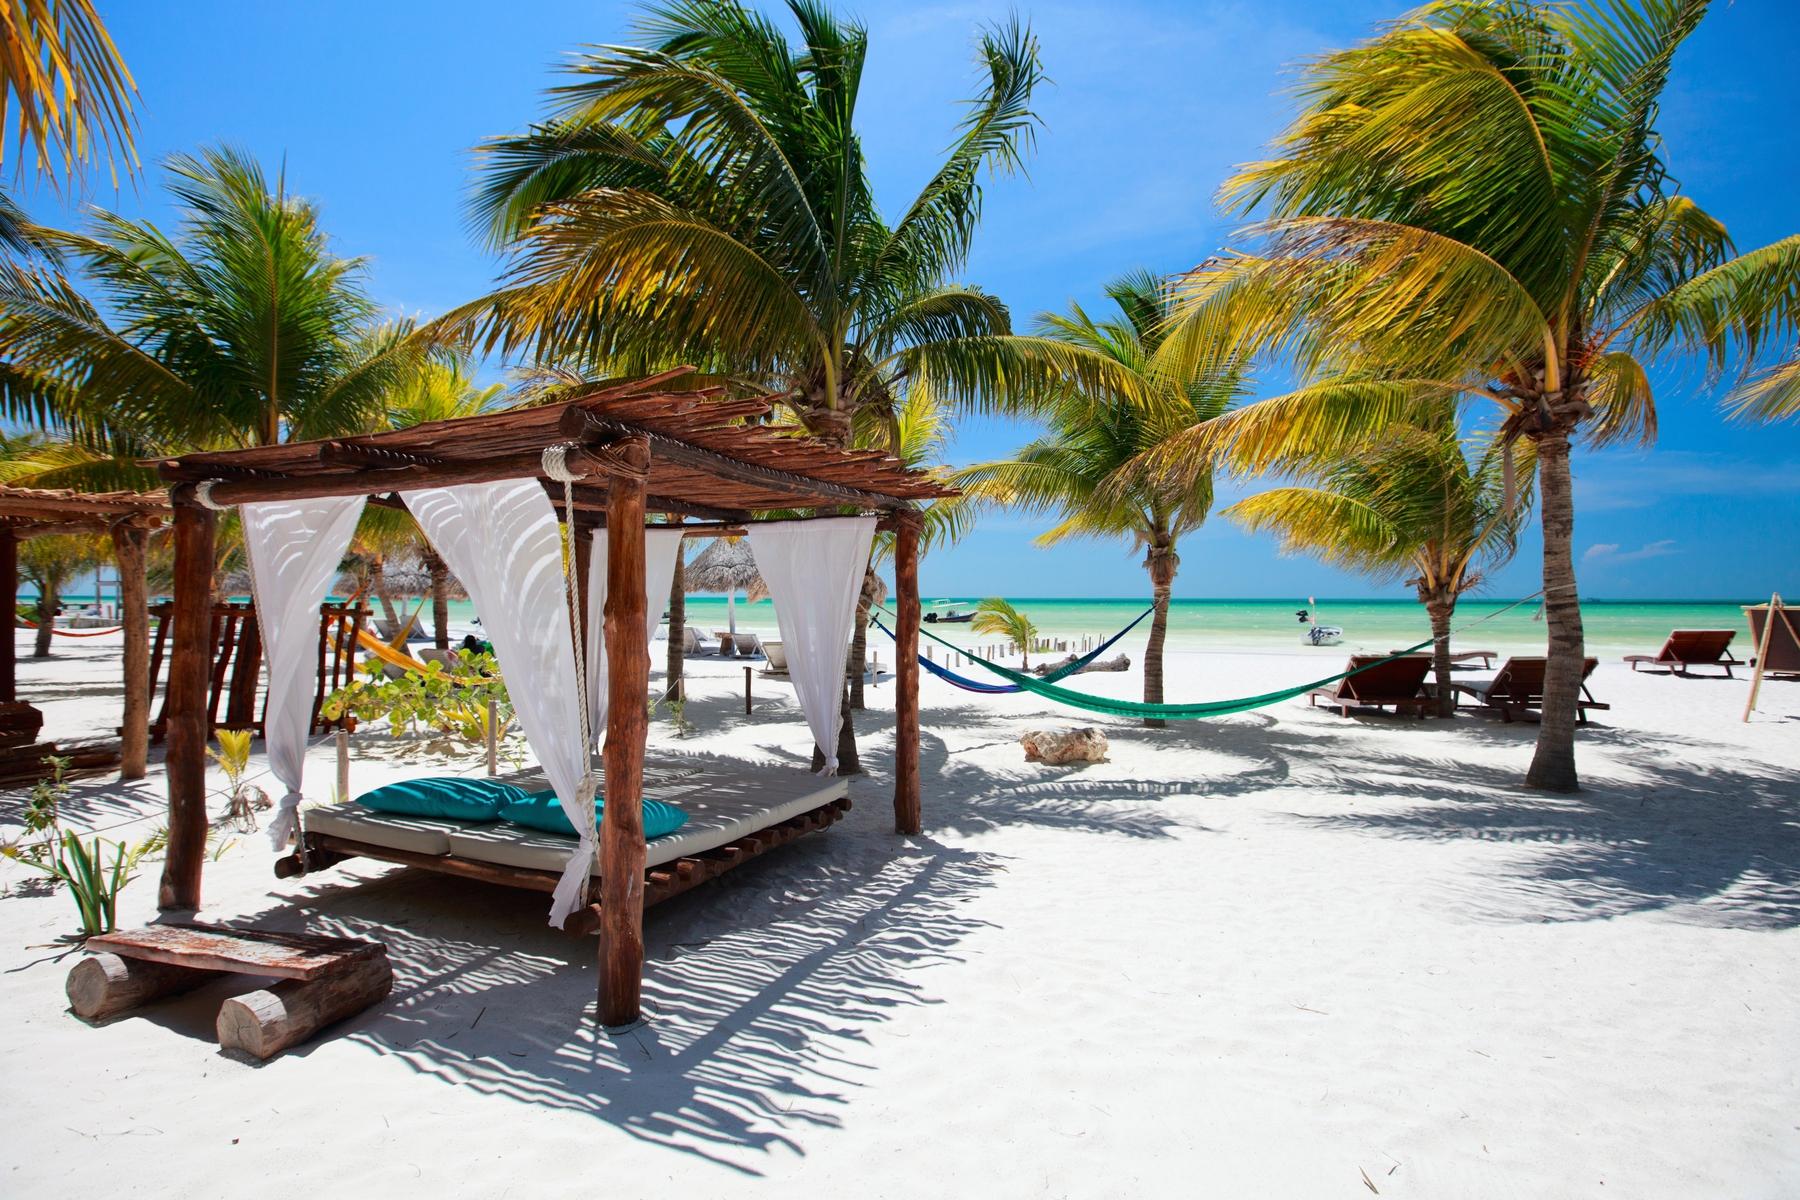 Los 5 Destinos Más Bonitos Del Caribe Que Debes Conocer